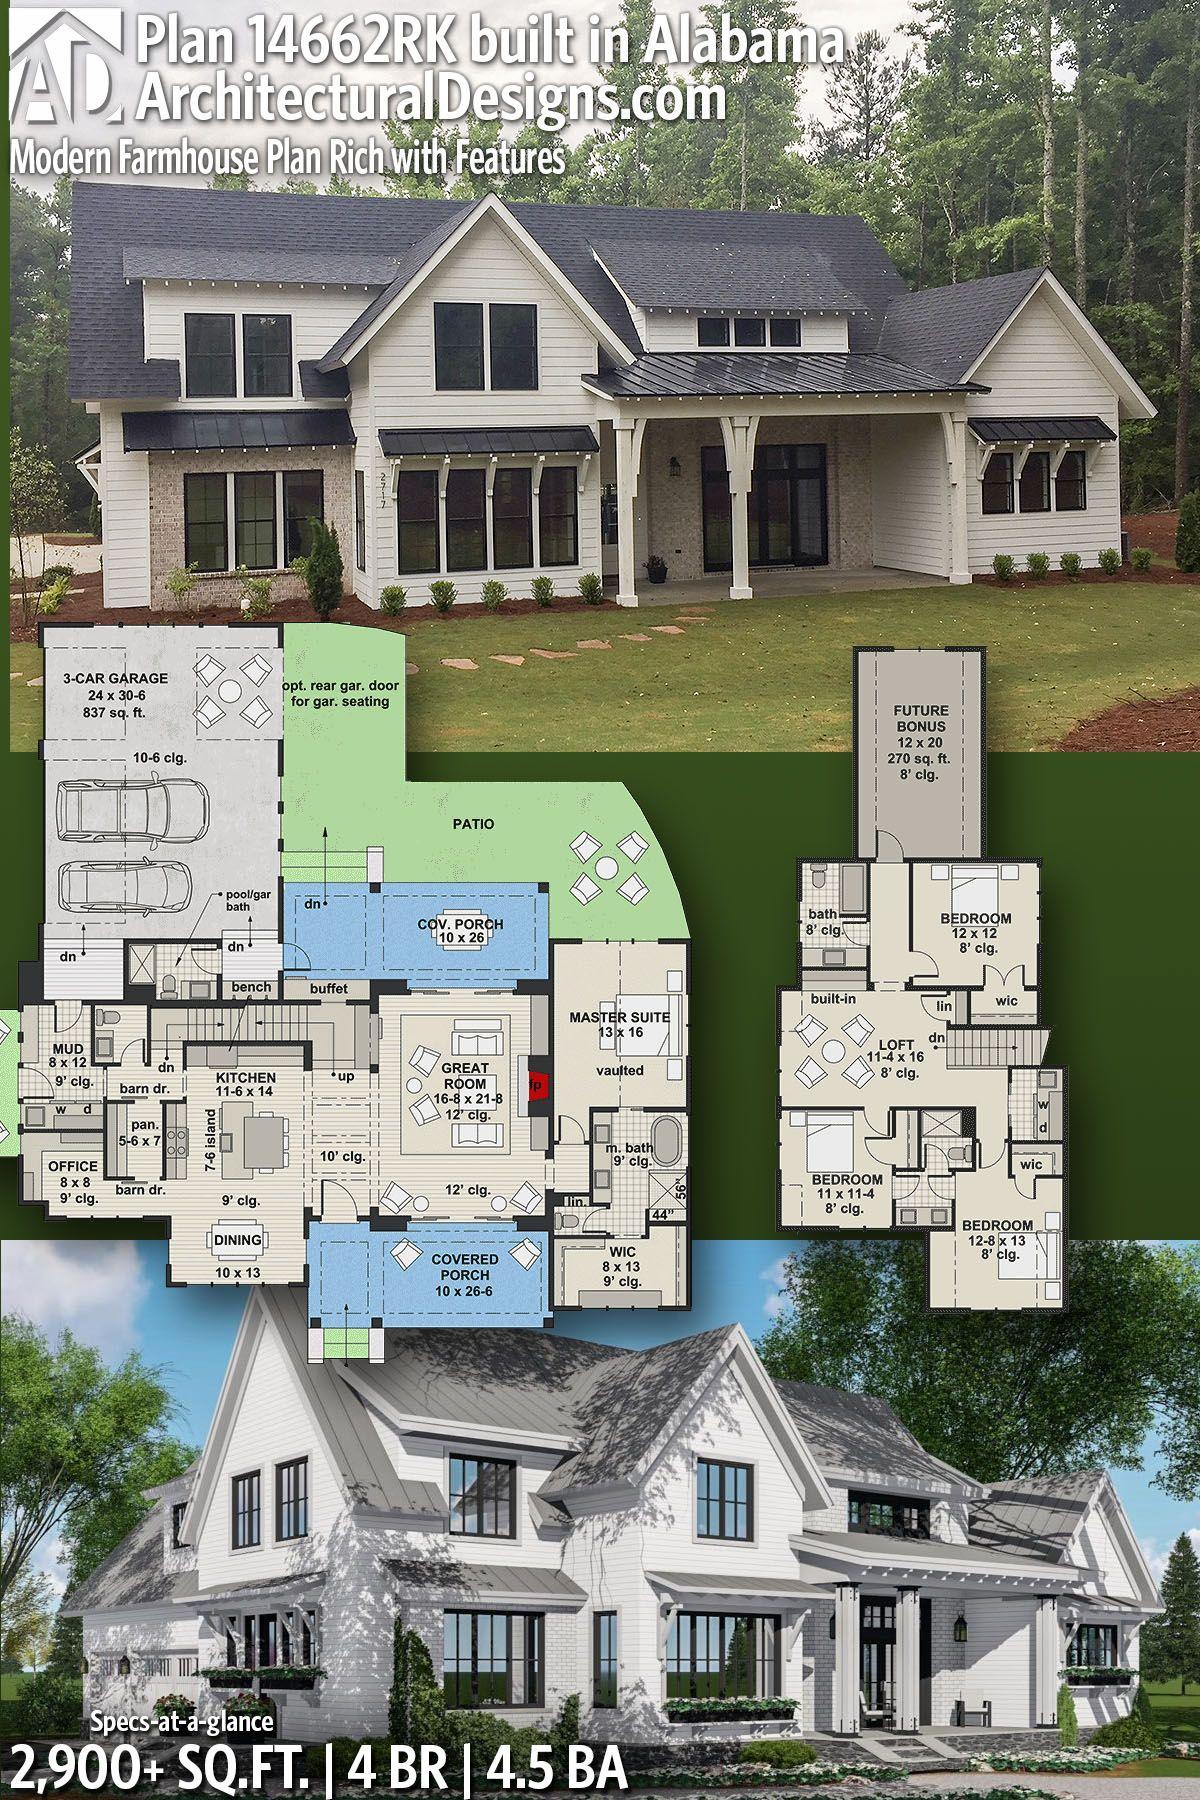 Plan 14662RK Modern Farmhouse Plan Rich